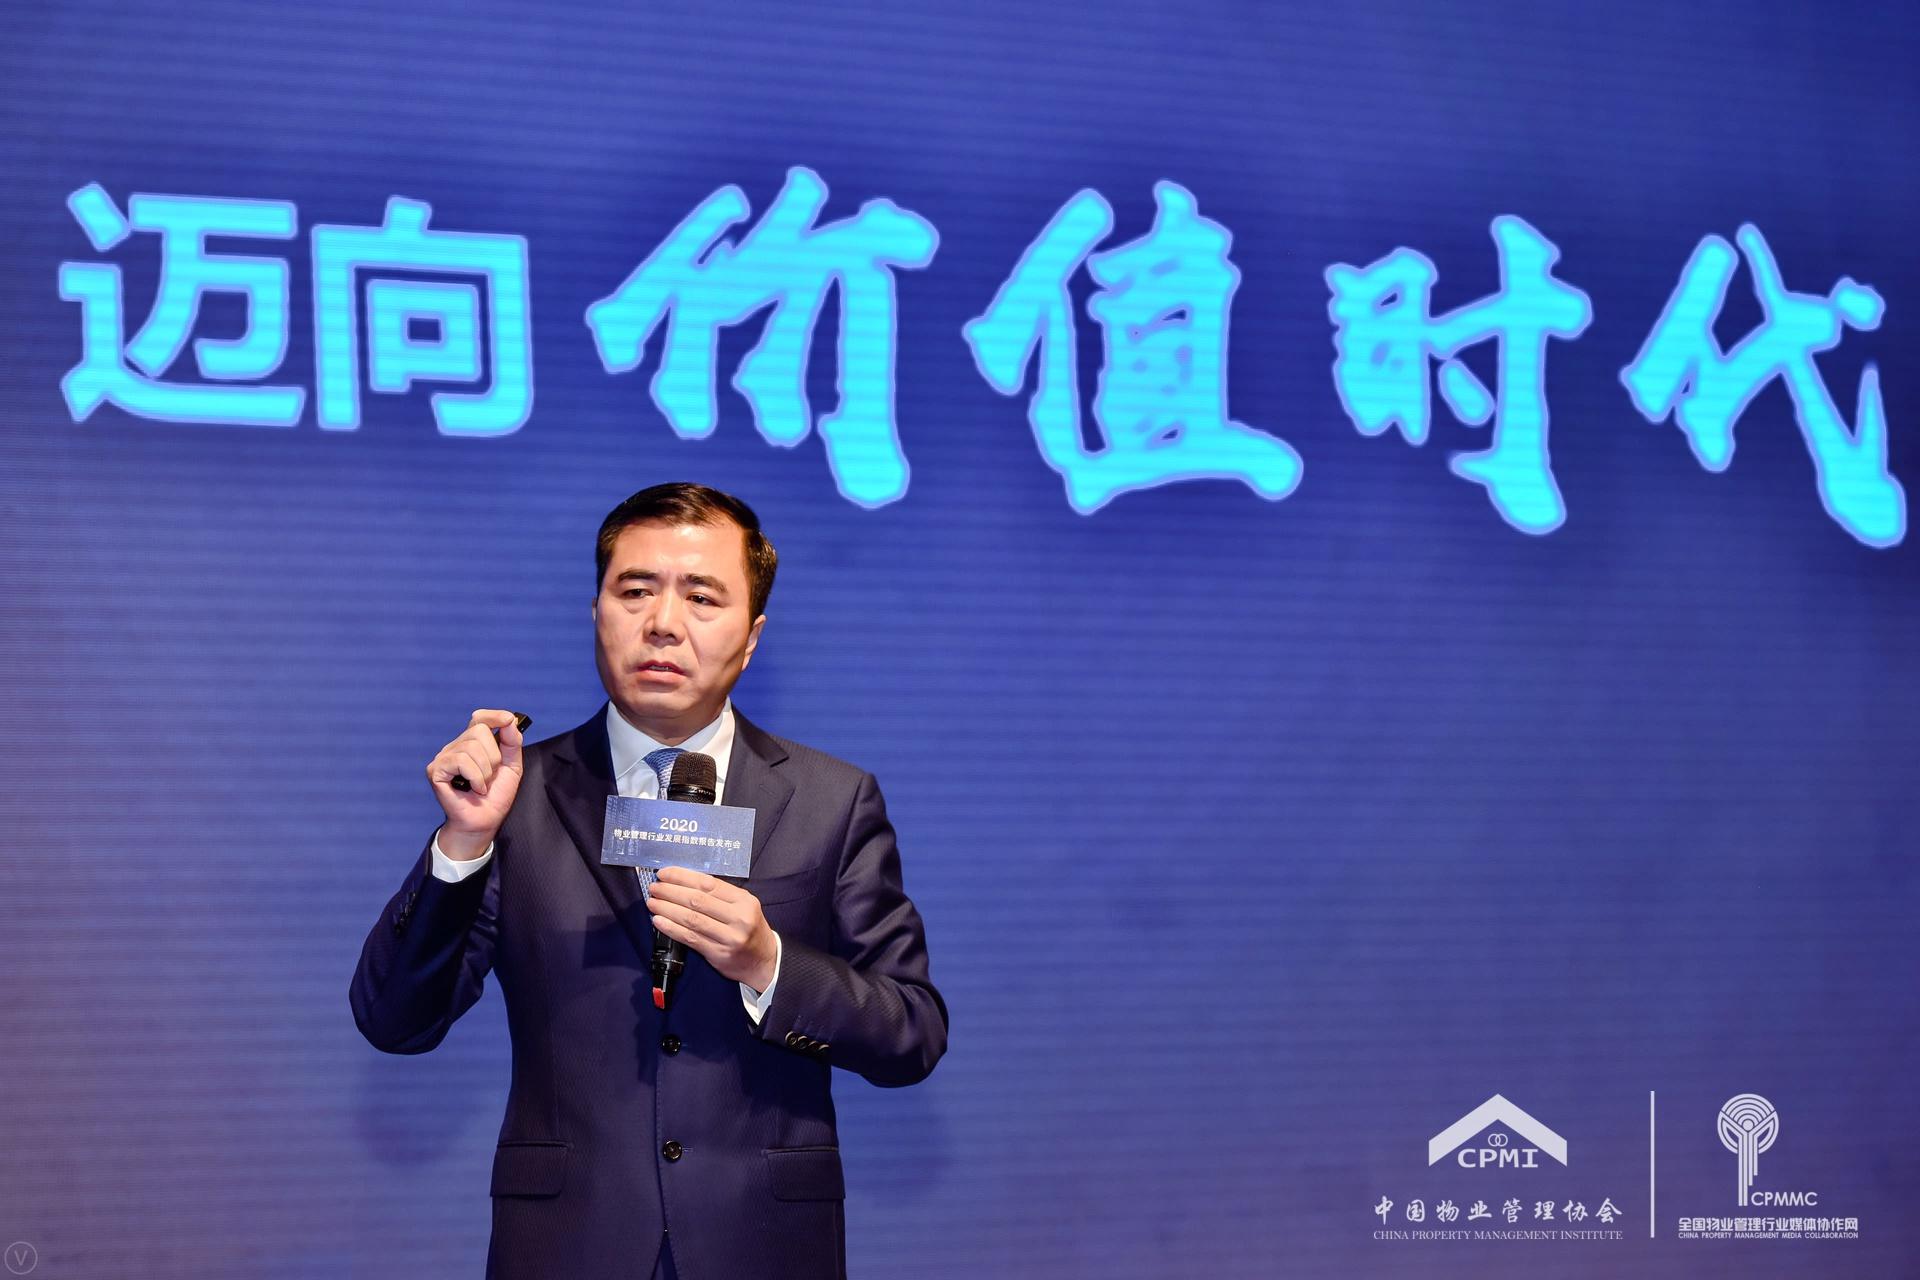 李长江:碧桂园服务年底将有20000个机器人员工